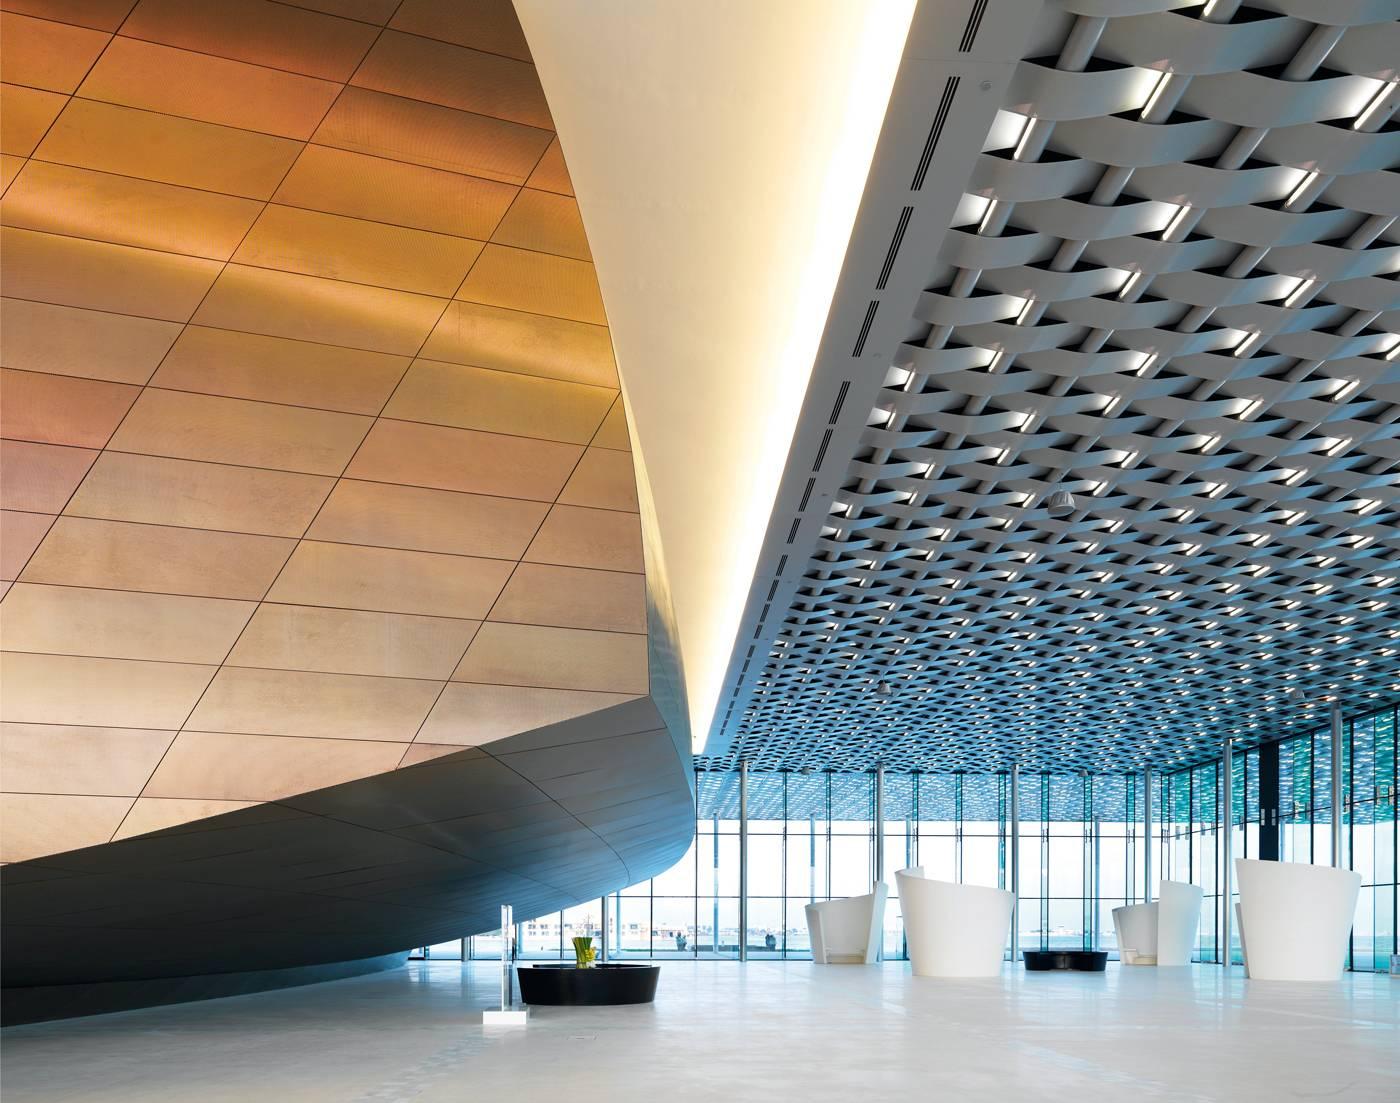 Les matériaux utilisés soulignent les concepts architecturaux du Théâtre national, sa complémentarité avec le paysage et son ambition de s'affirmer comme un point focal entre terre et mer.